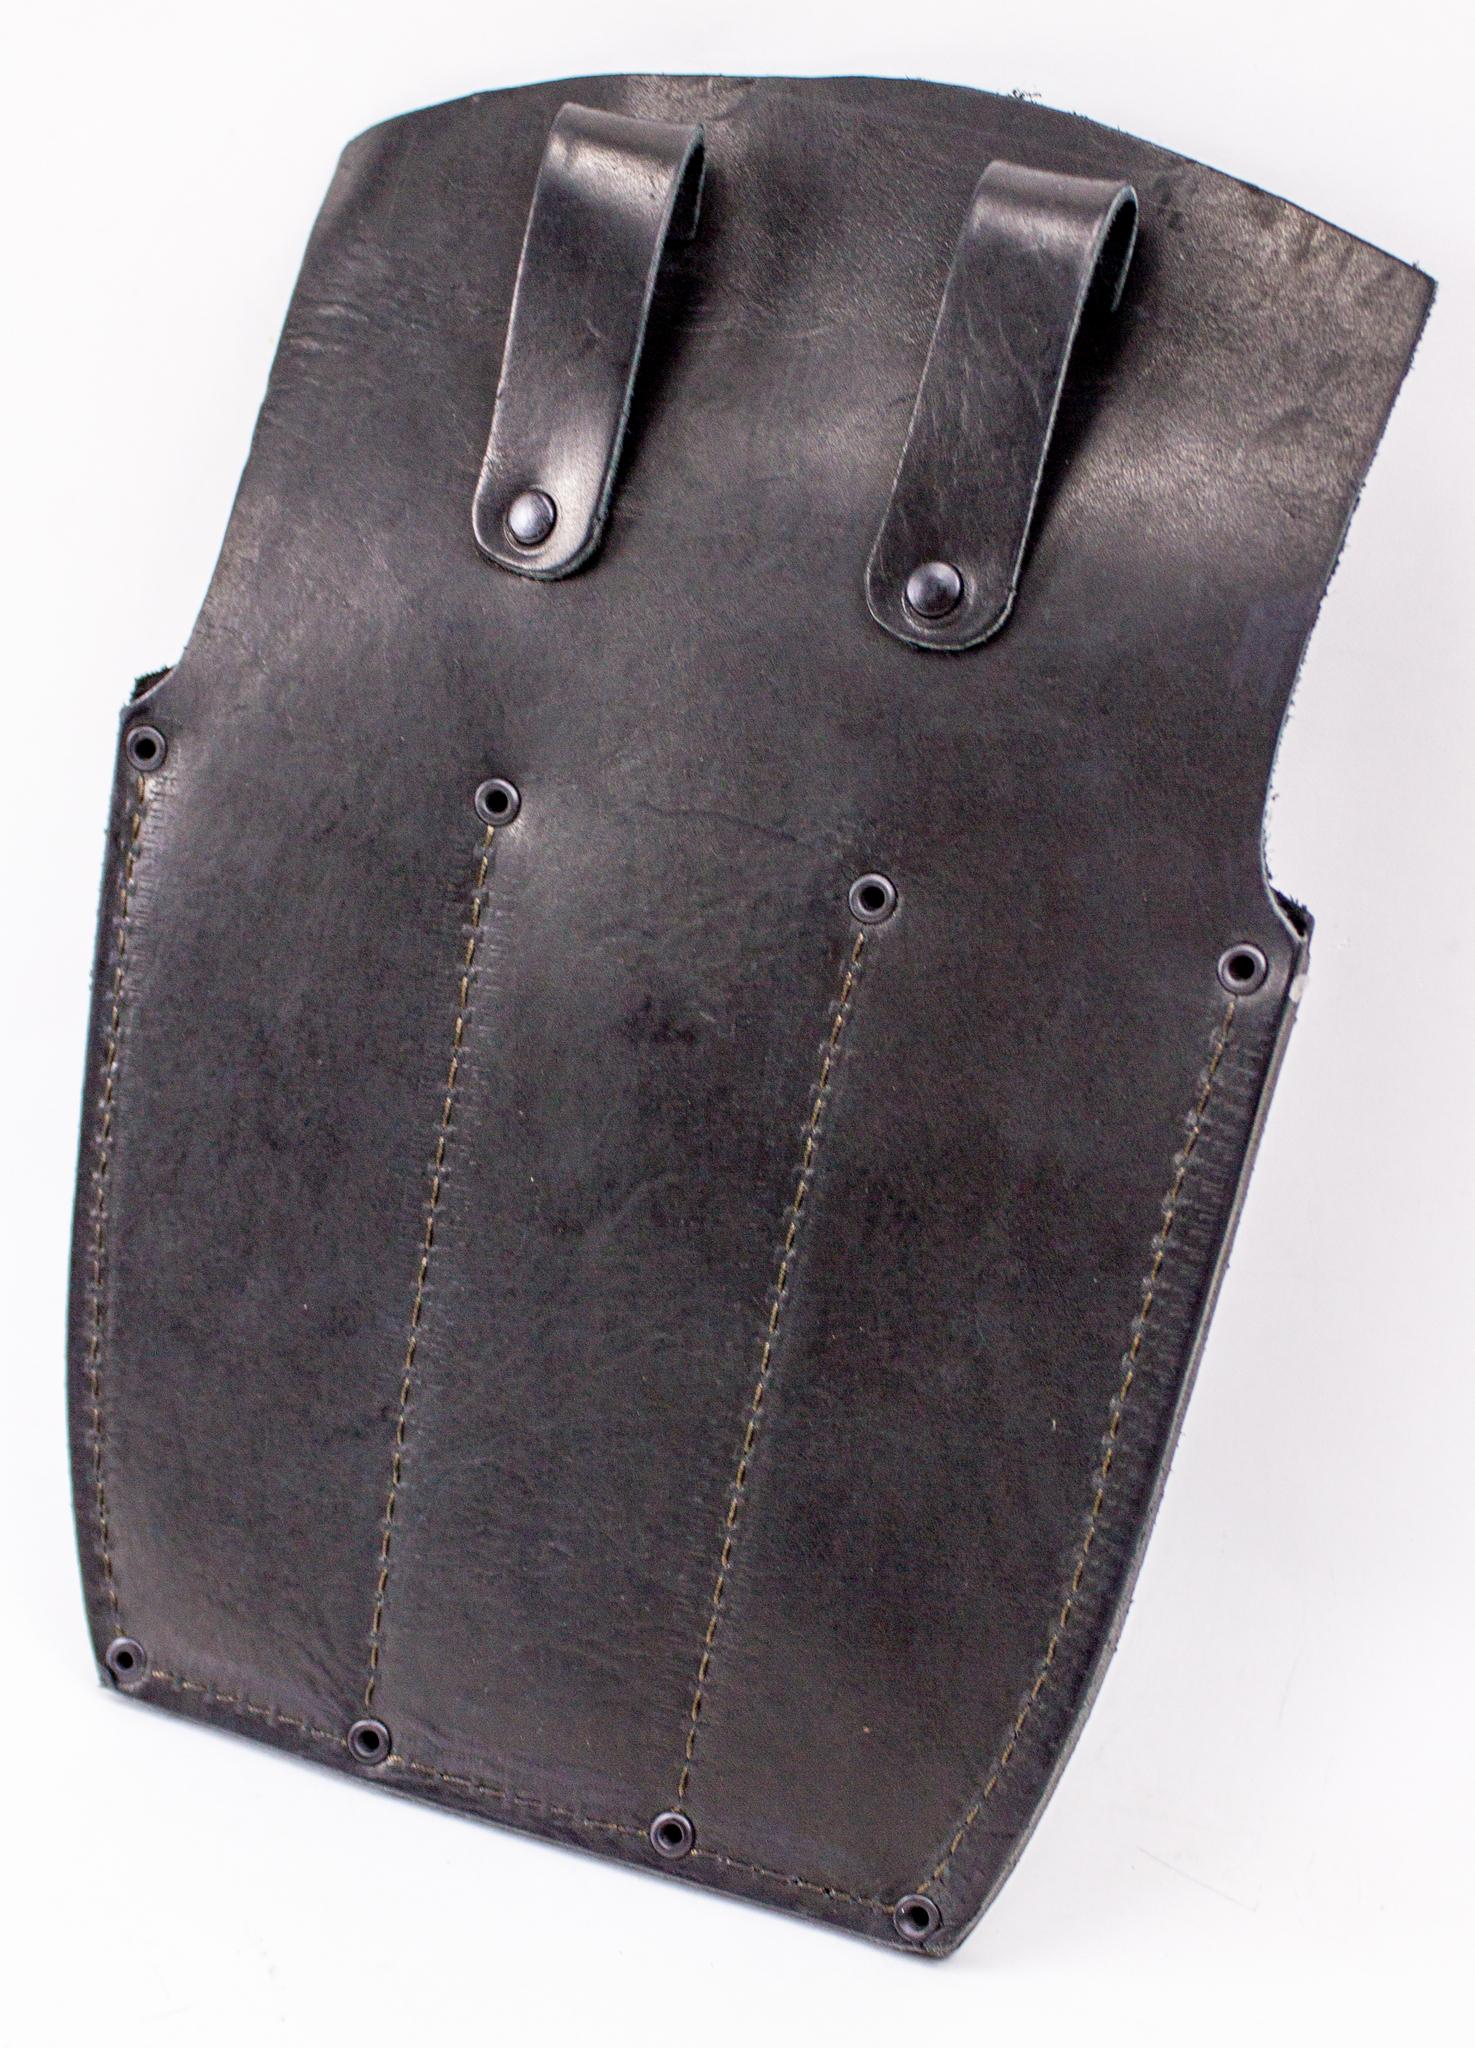 Фото 3 - Ножны-чехол для 3-х метательных ножей кожаные, черные